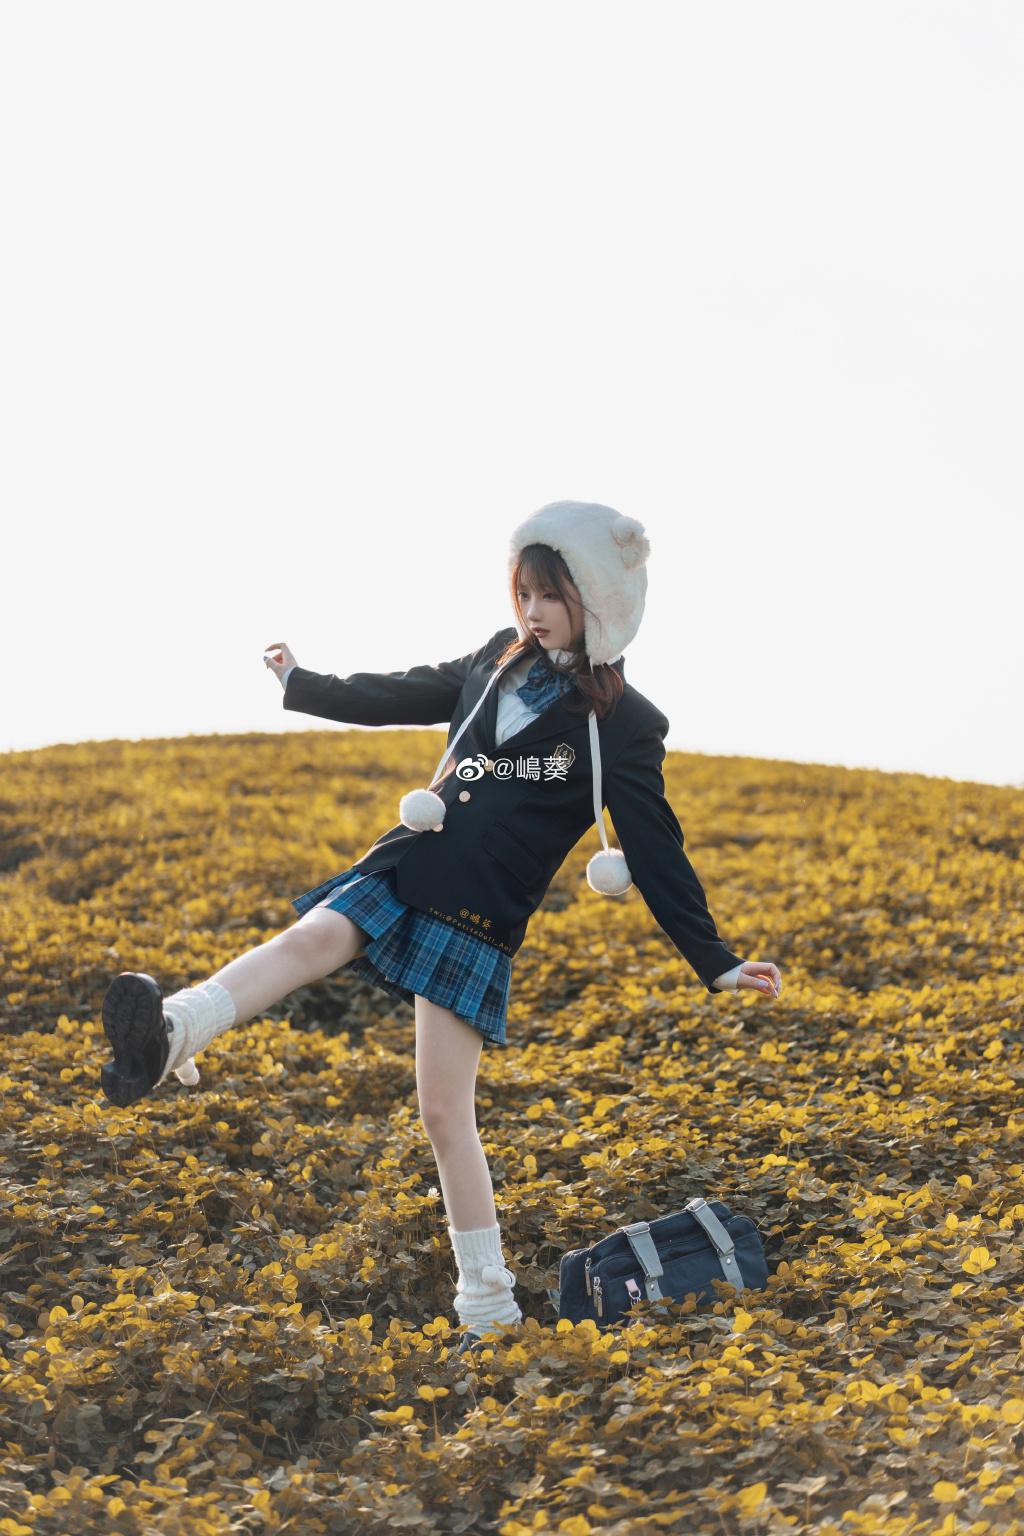 今日妹子图 20200520 圆脸二次元cosplay妹子 @嶋葵 liuliushe.net六六社 第6张